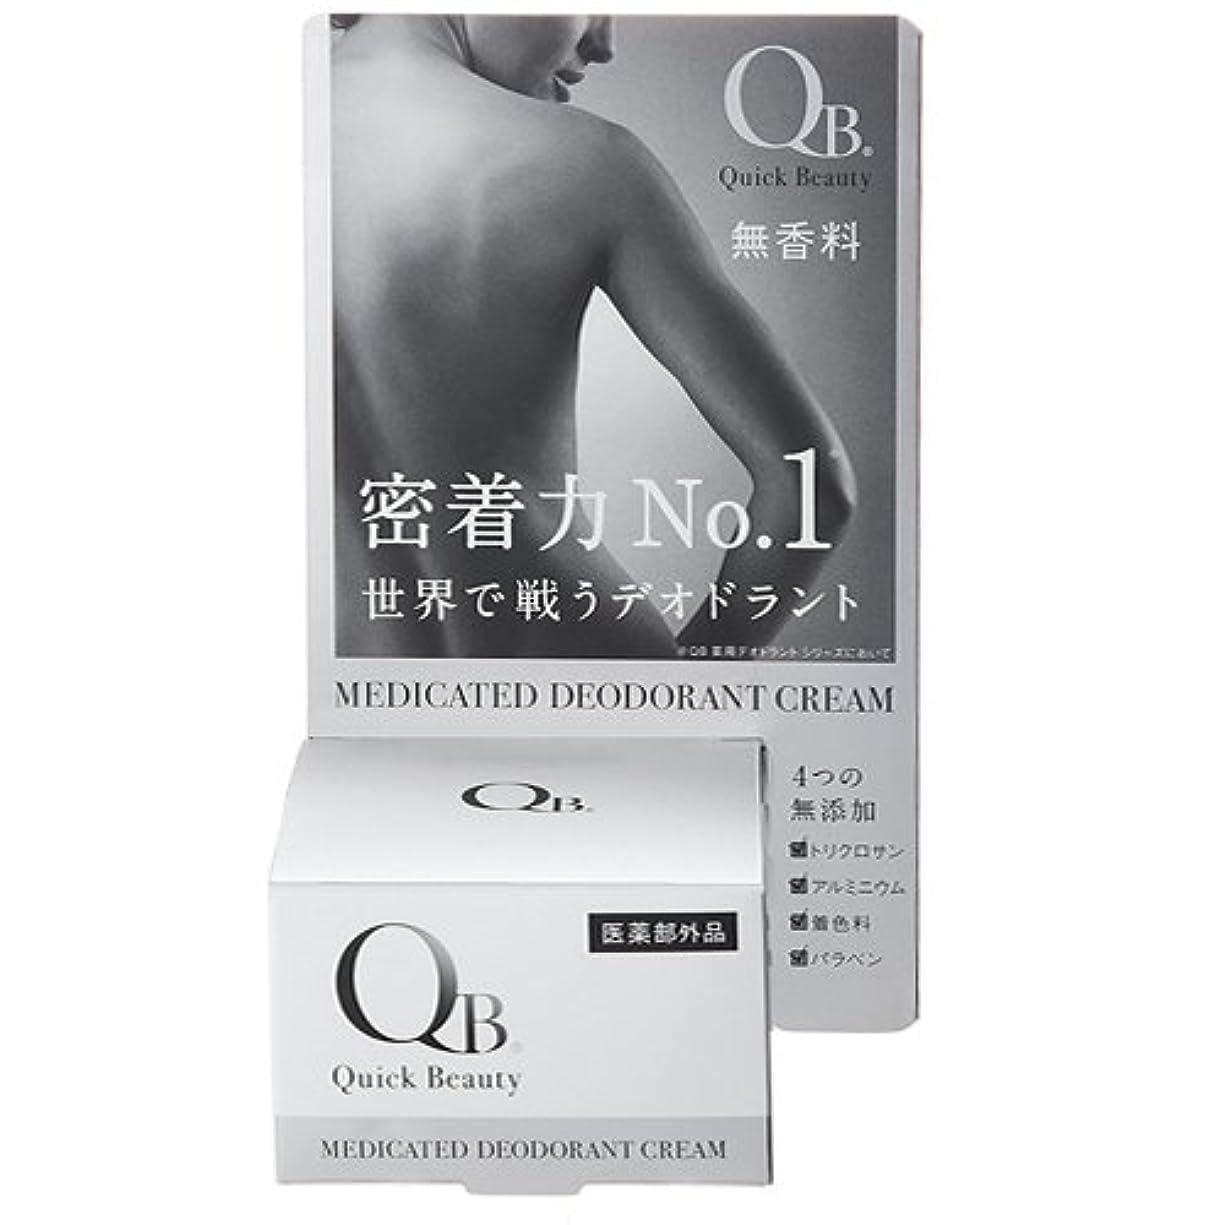 合併症統治可能ポーズ3個セット まとめ買い QB 薬用デオドラントクリーム W 30g 医薬部外品